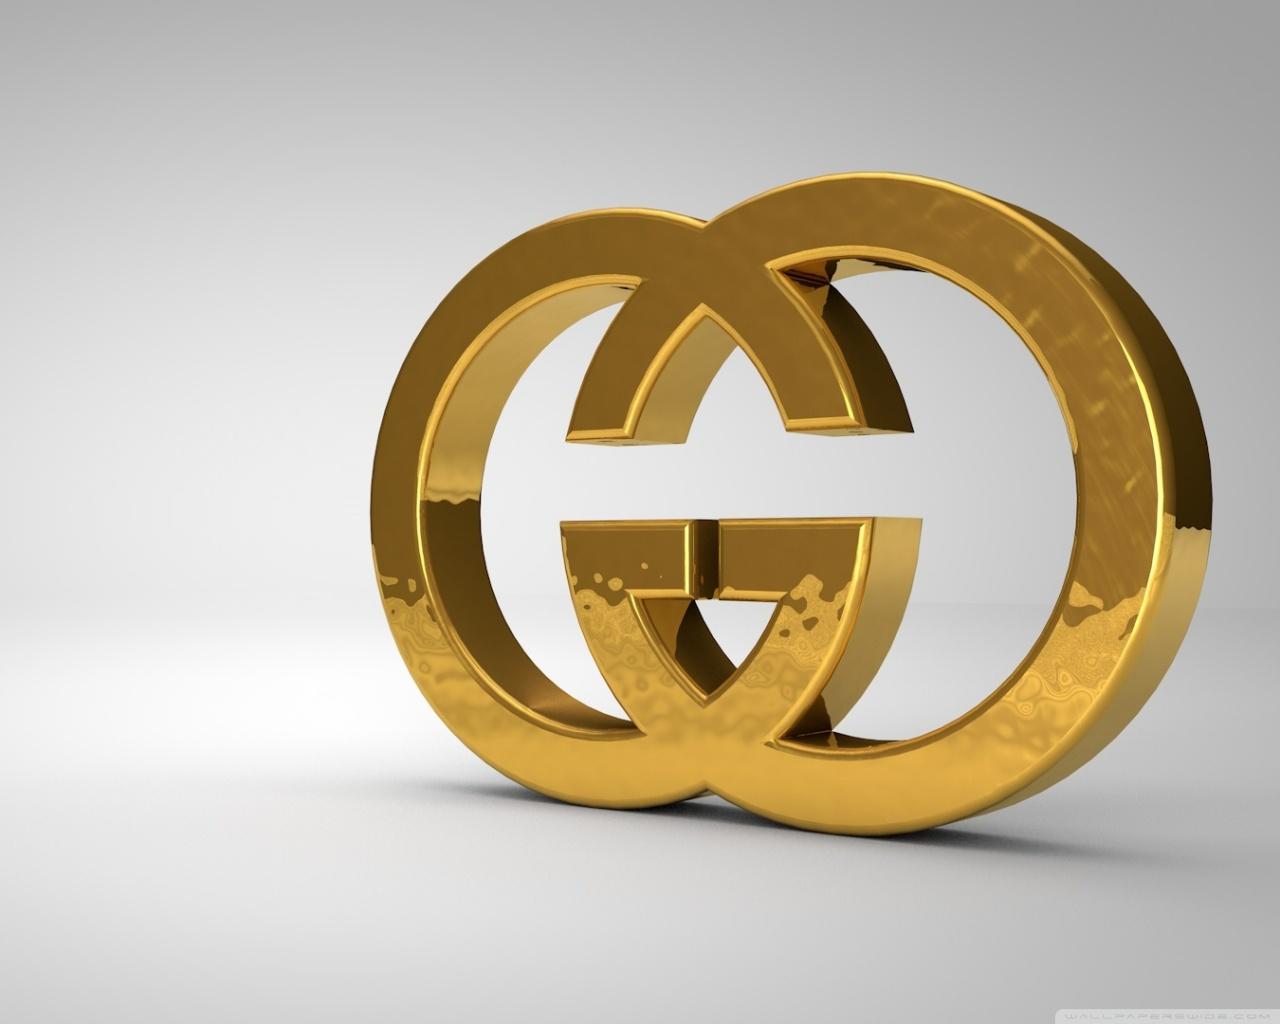 Gucci: Logo, Gold, Gucci, Studio